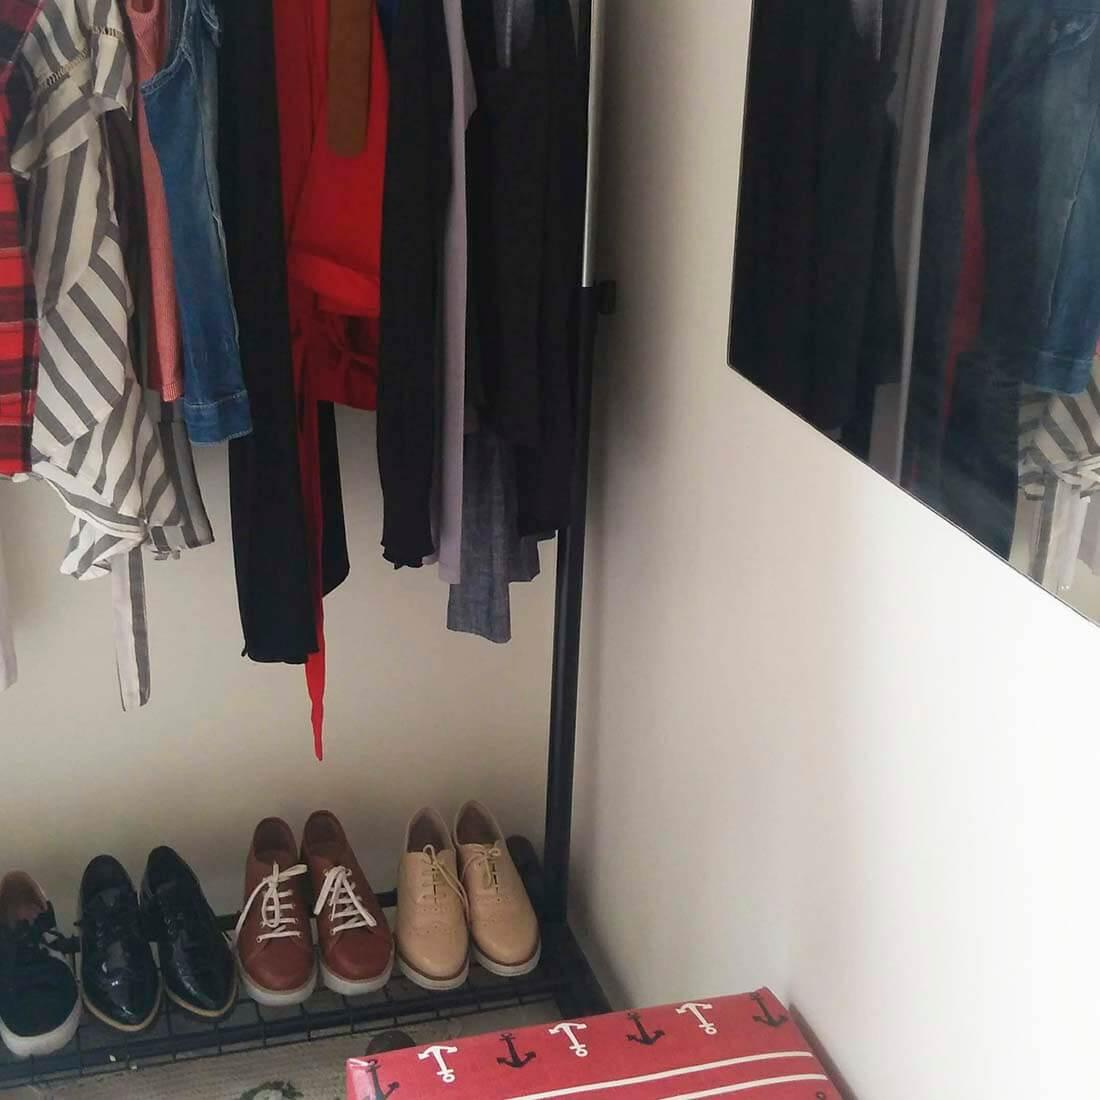 Arara de roupas- organização